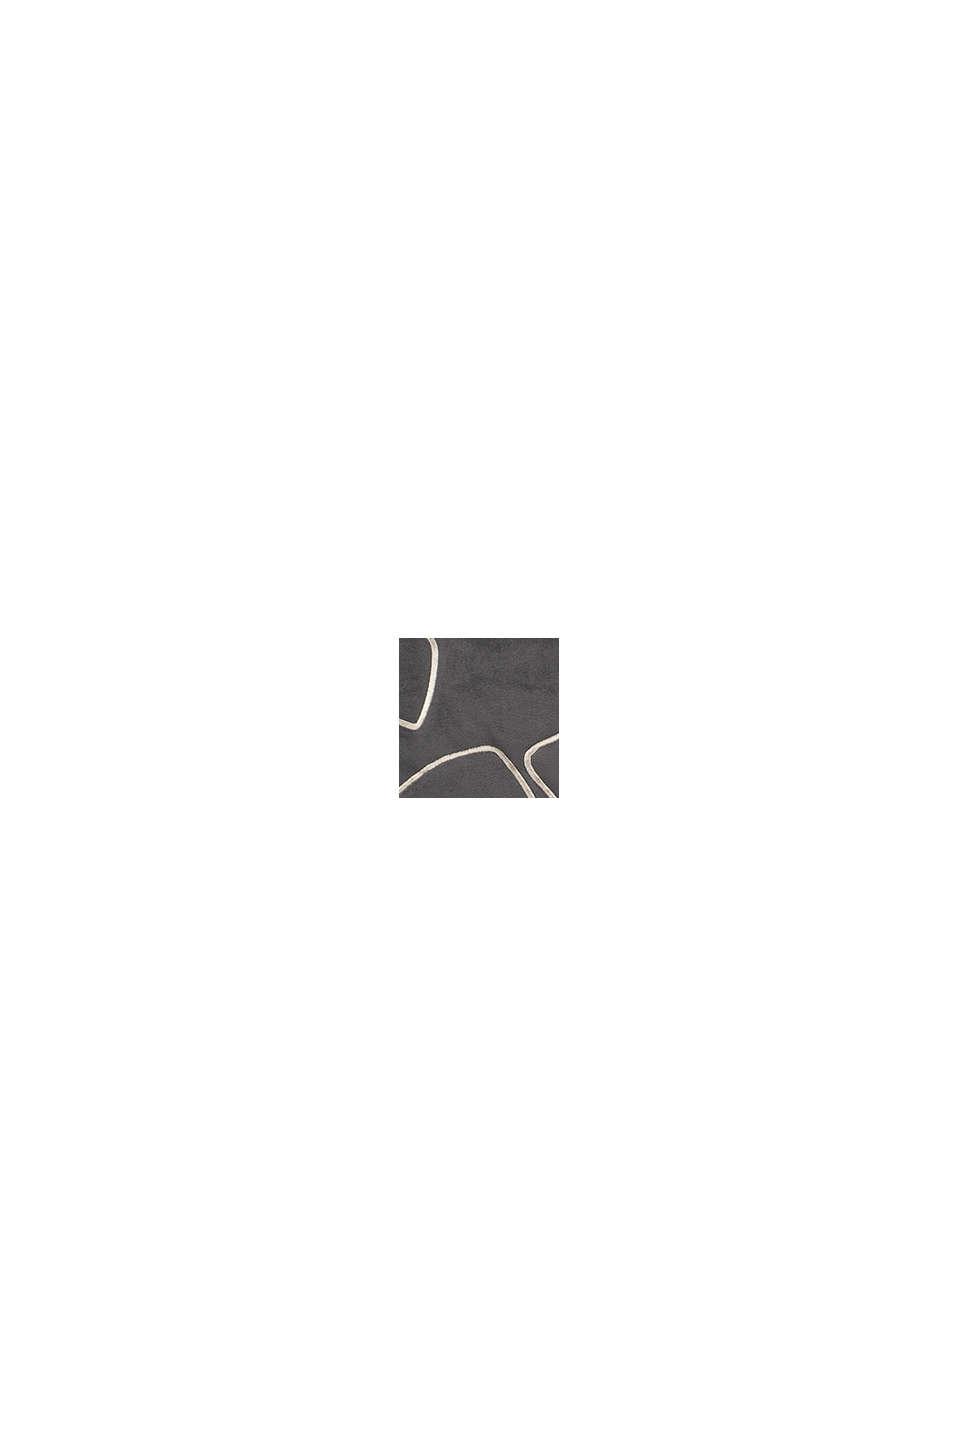 Kussenhoes van fluweel met borduursel, GREY, swatch